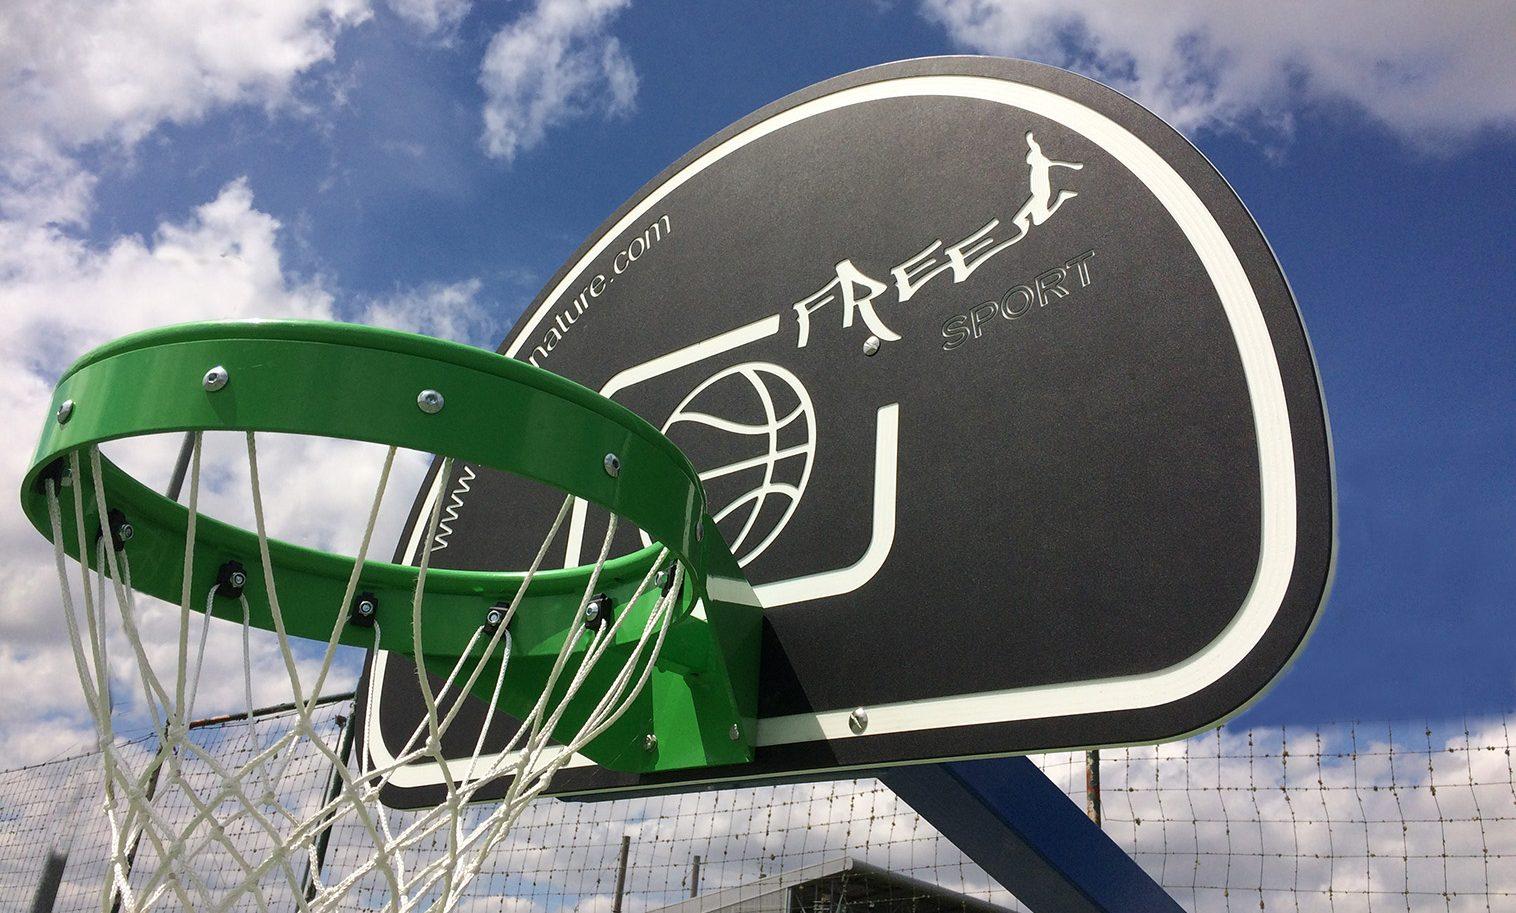 Panneau de basket pour terrains multisports ext rieur for Panneau agglomere exterieur